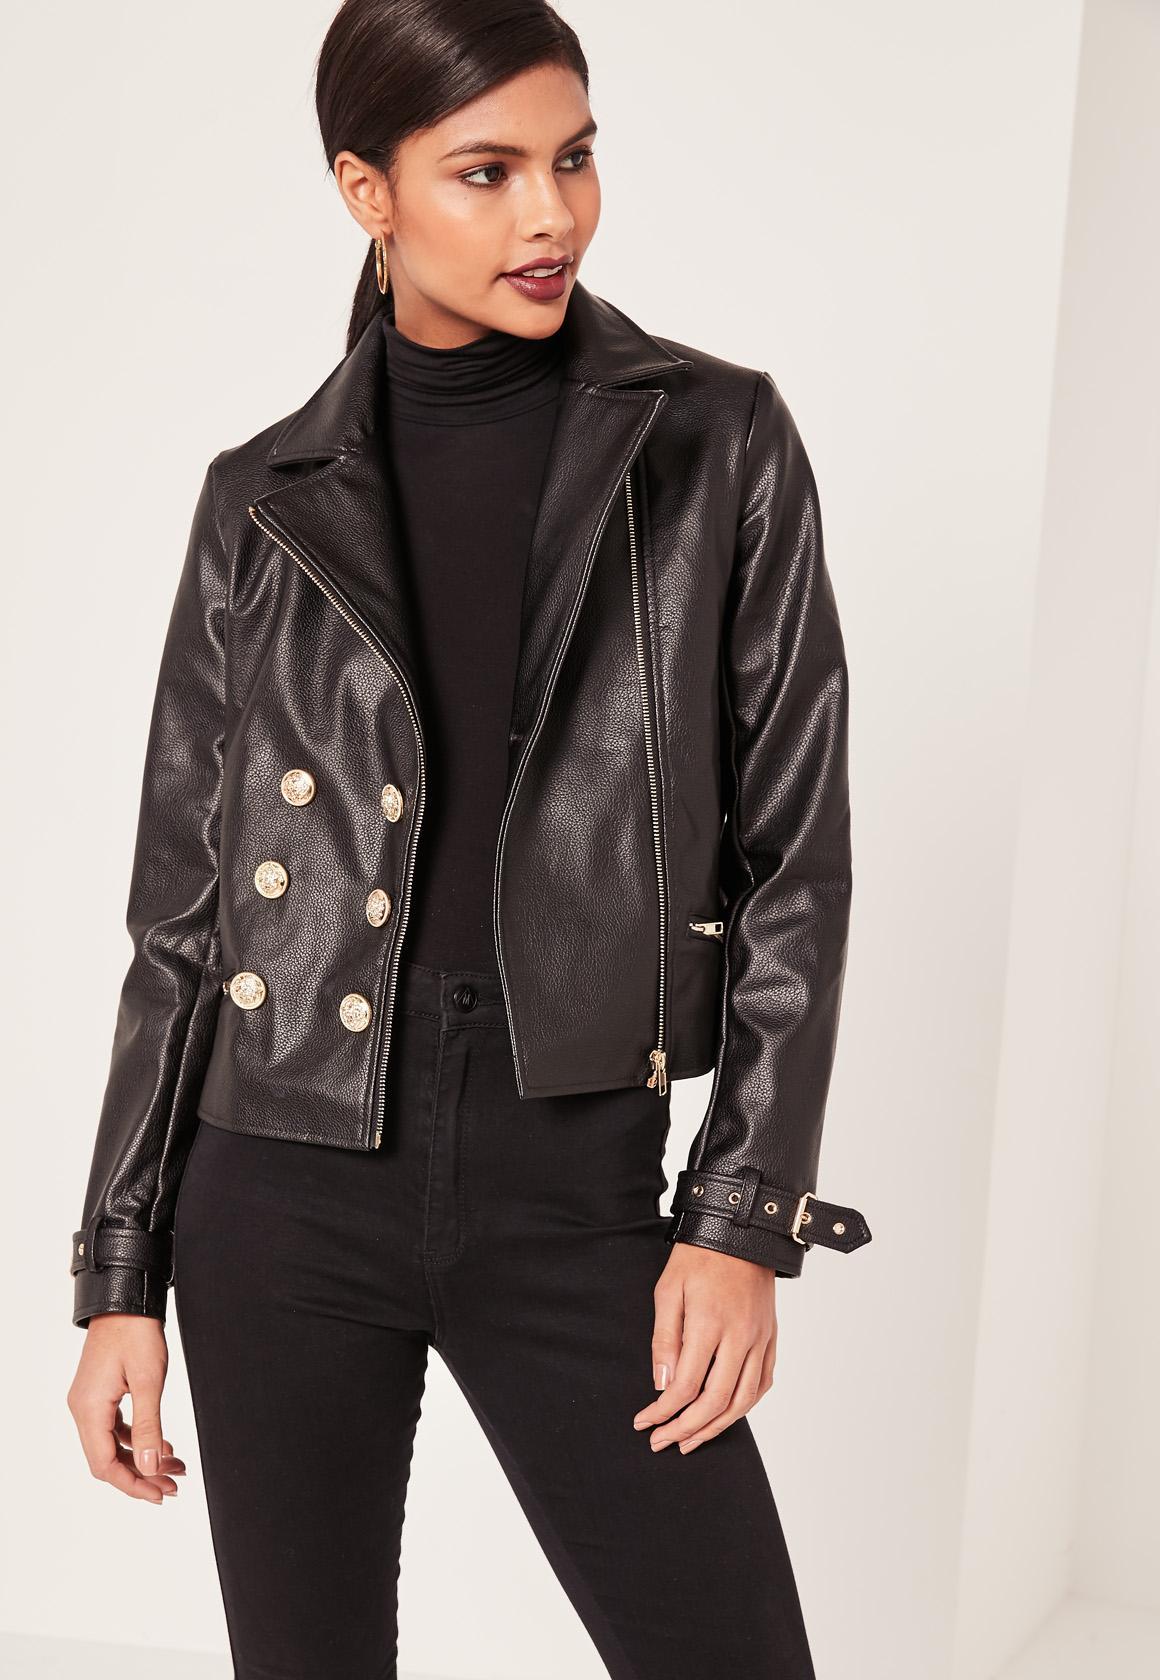 faux leather jacket petite black faux leather military jacket petite black faux leather  military jacket HAZTYPF